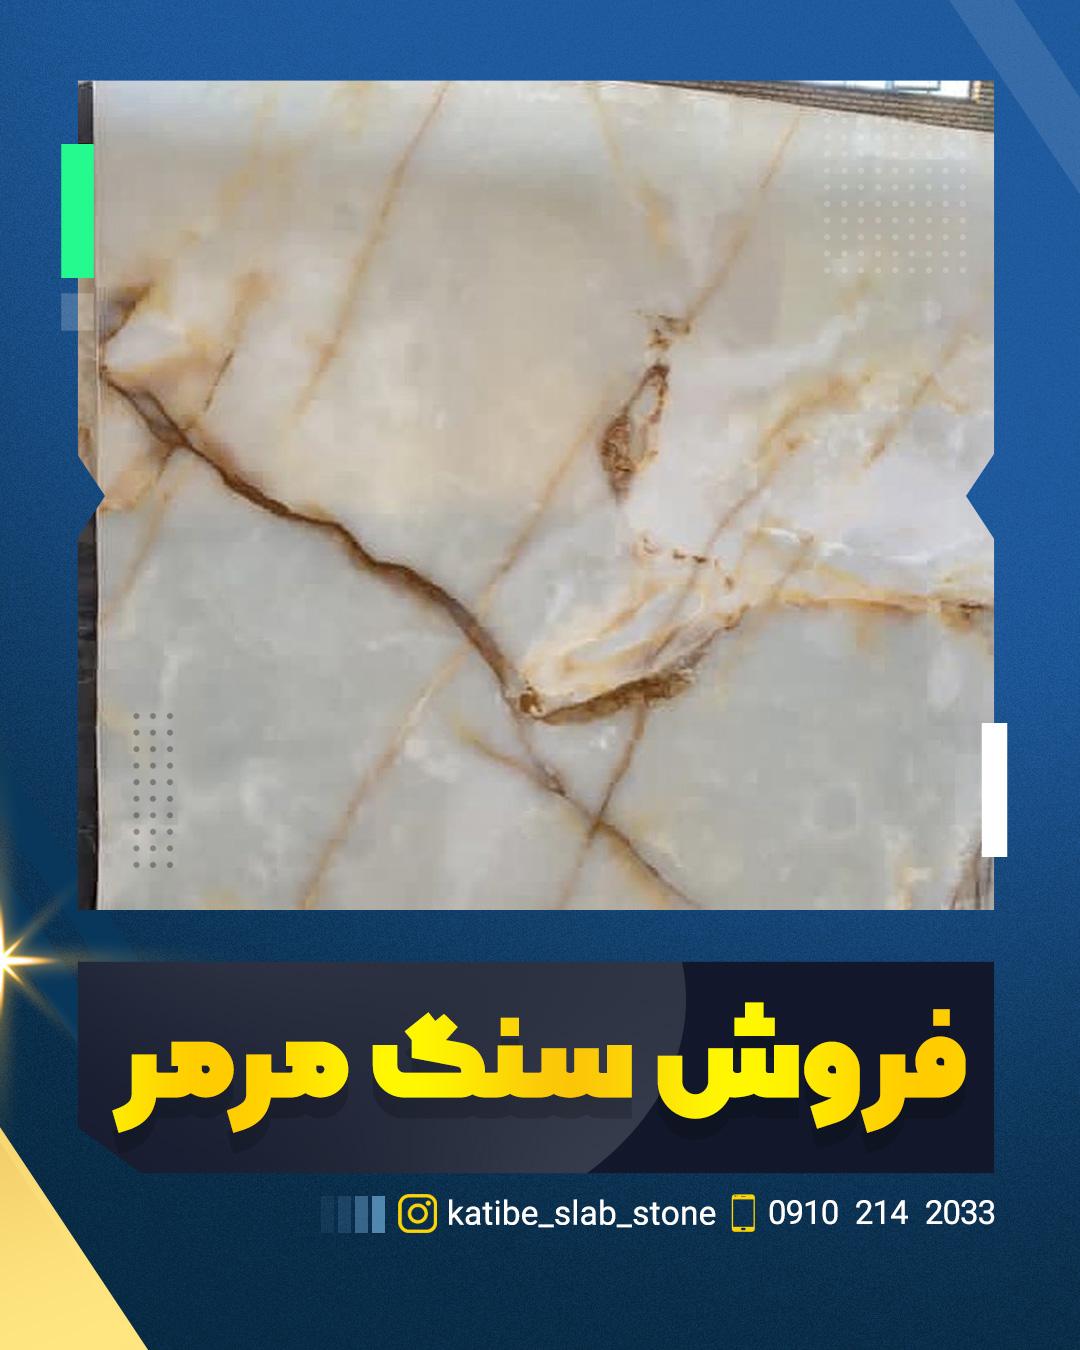 http://rozup.ir/view/3303648/MarMar%20-%2009102142033%20(3).JPG.jpg